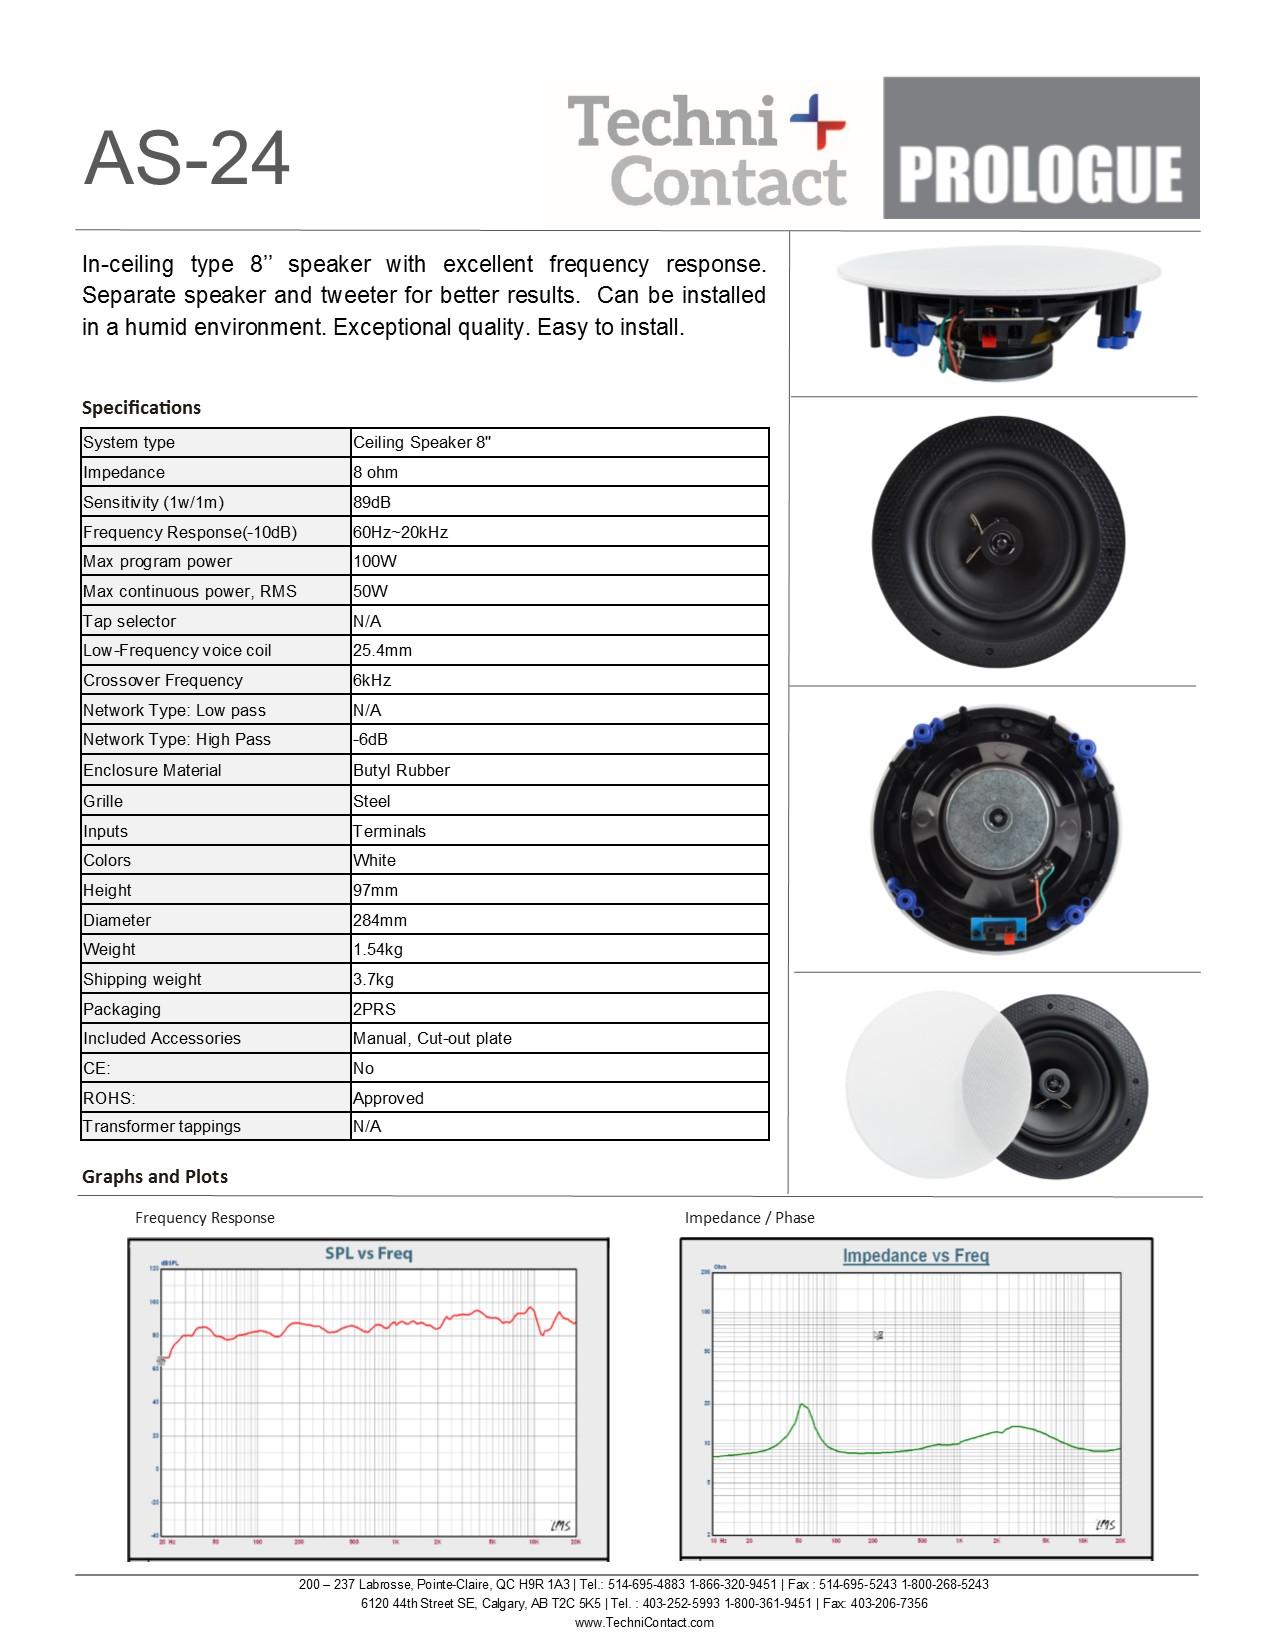 Prologue_AS-24_SPECS.jpg